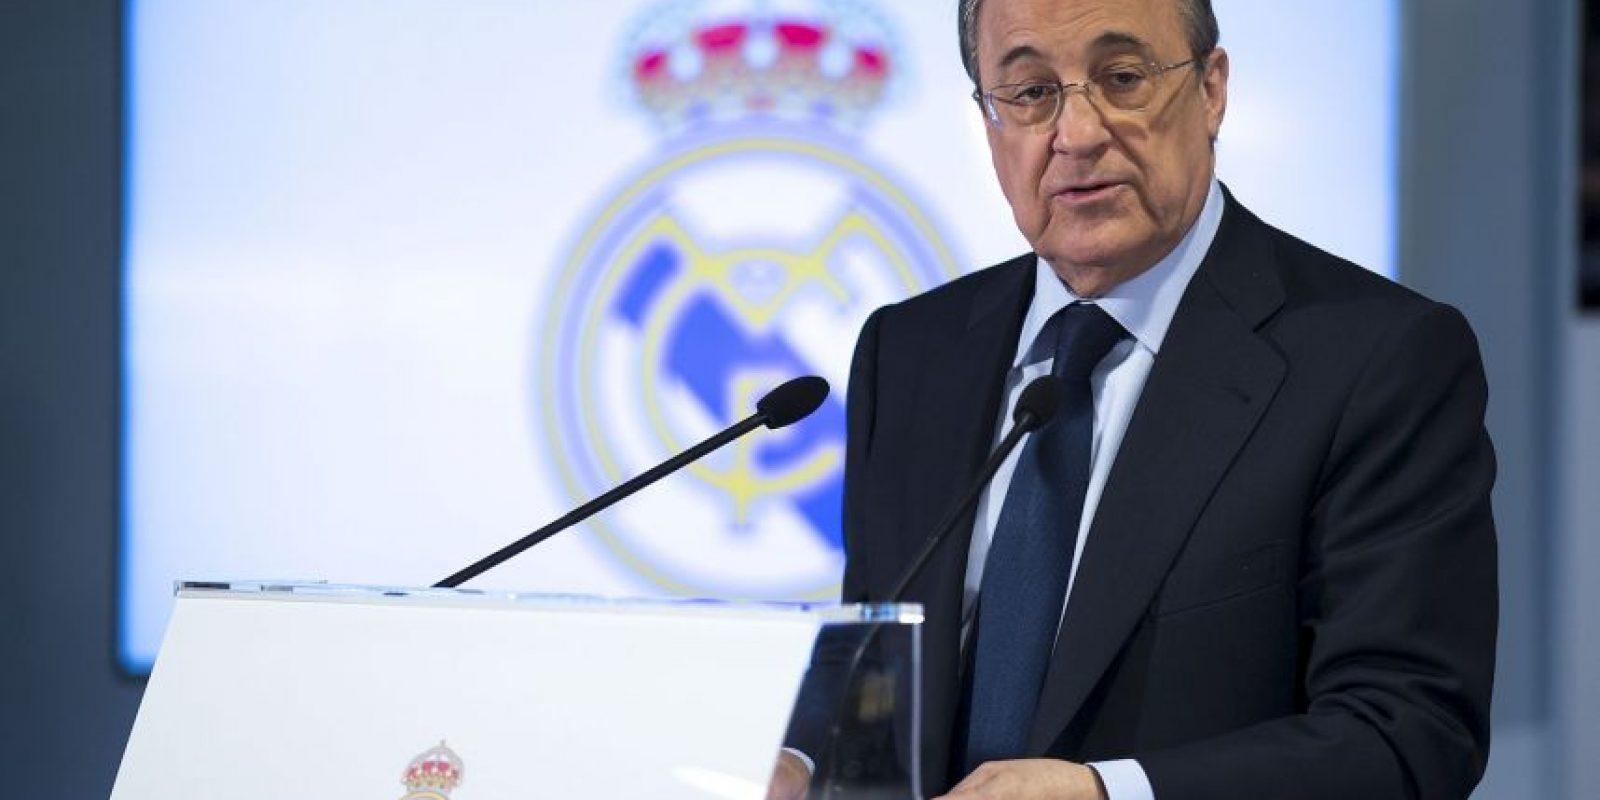 """""""Sabe hacer frente a los desafíos con talento"""": Florentino Pérez, presidente del Real Madrid Foto:Vía twitter.com/realmadrid"""